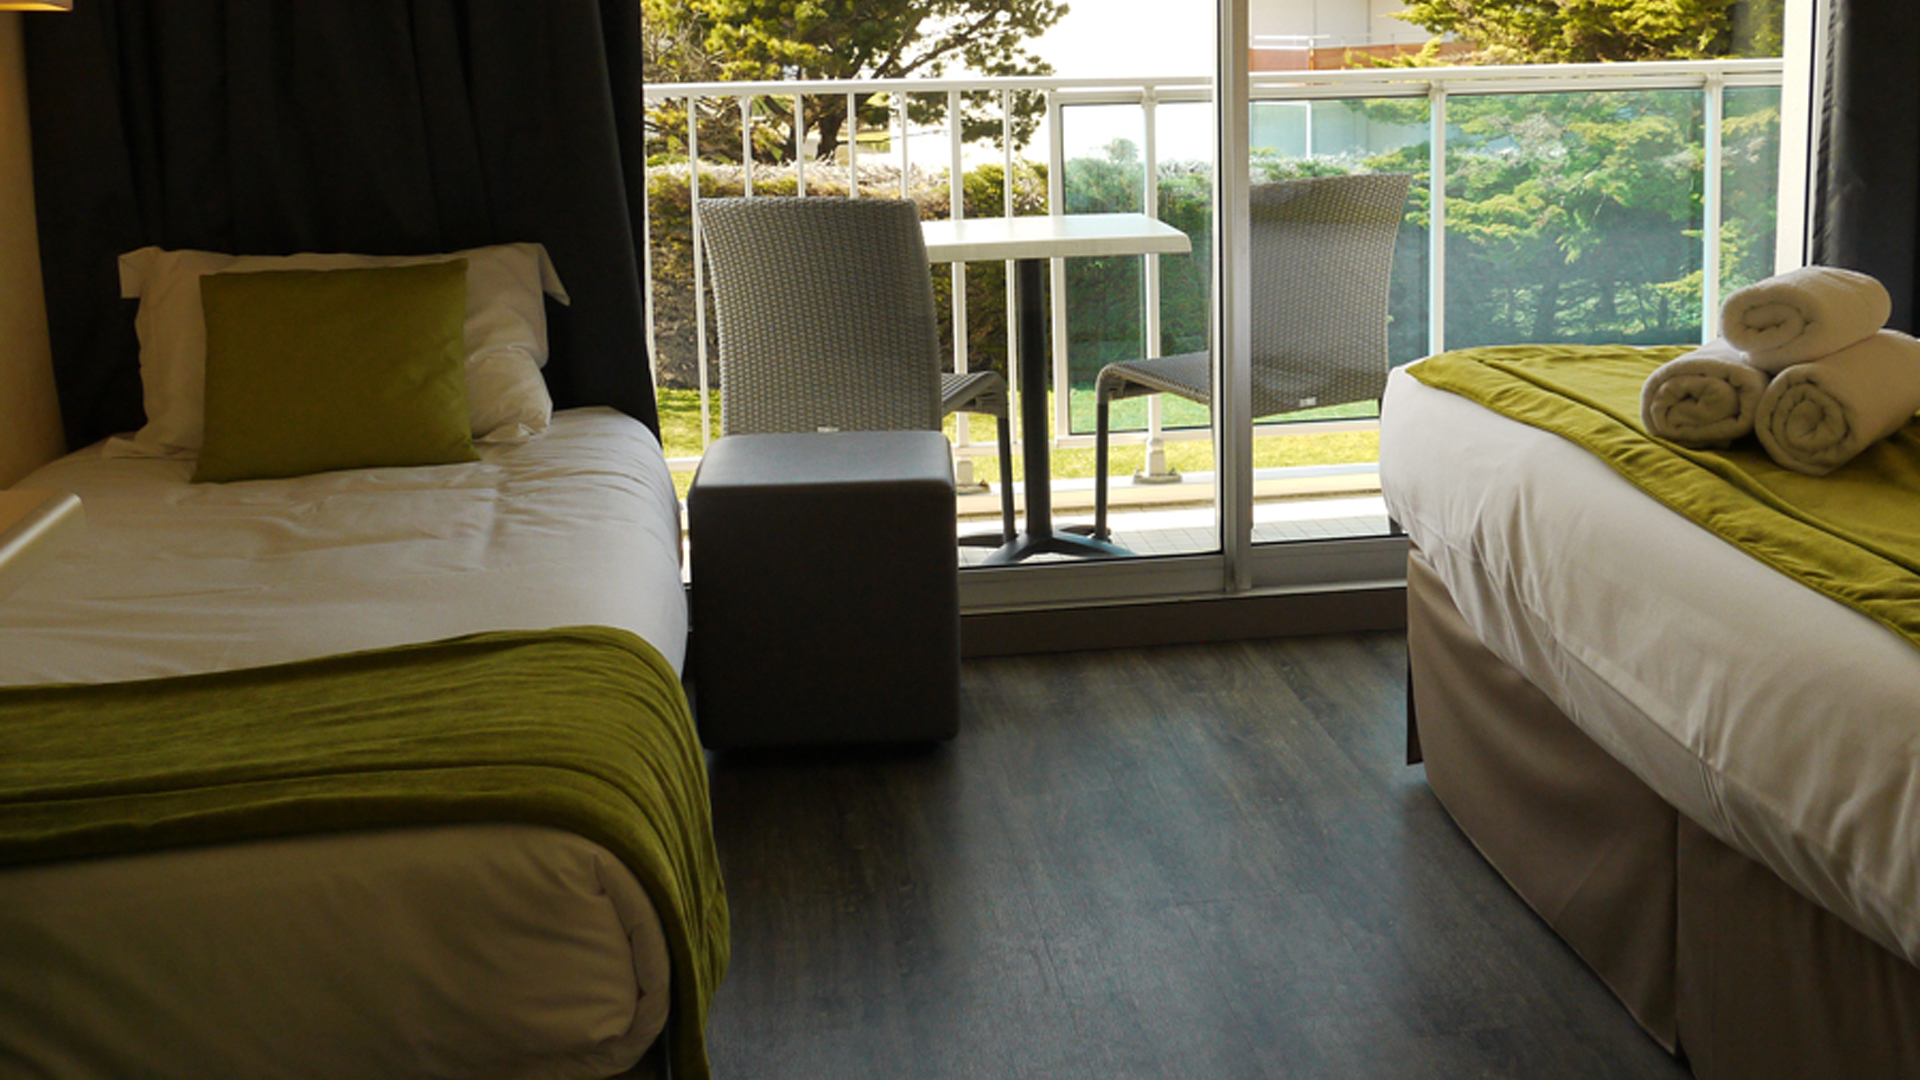 hotel-chambre-prestige-vue-jardin-quiberon-hotel-europa-diaporama2